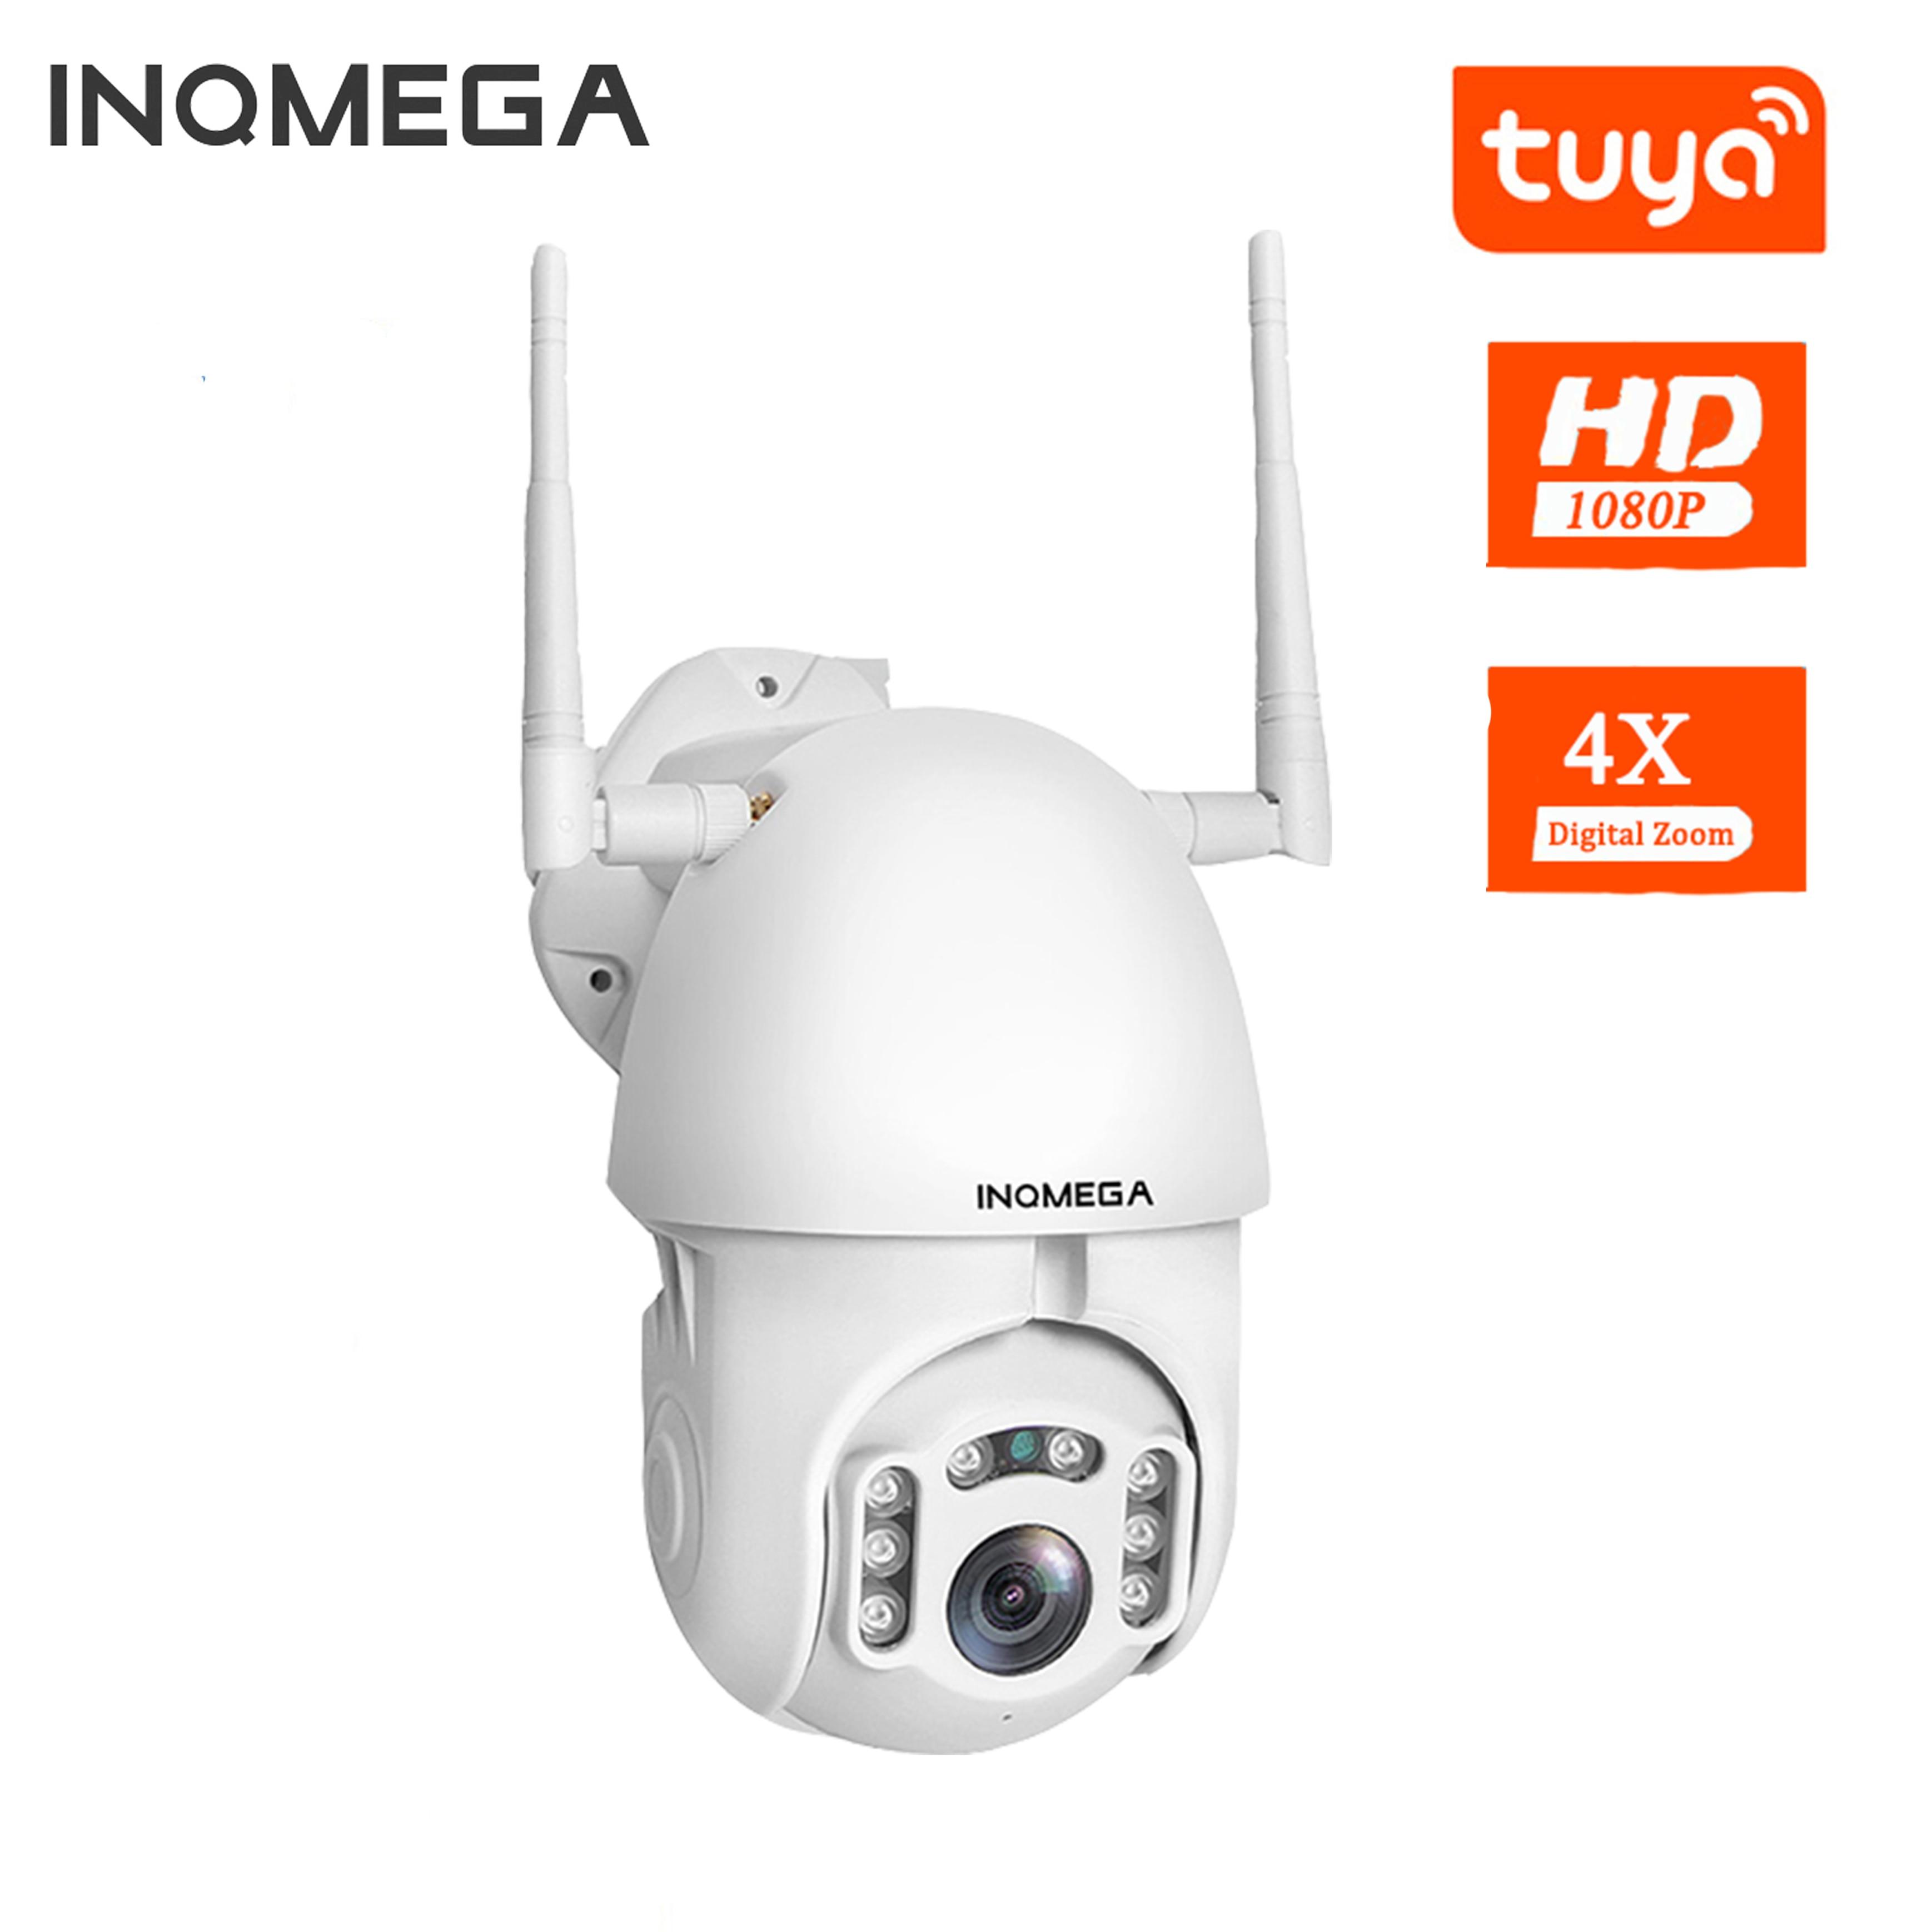 INQMEGA PTZ Geschwindigkeit 1080P IP Kamera WiFi Drahtlose Auto tracking Dome Kamera Im Freien Sicherheit Überwachung Wasserdichte Kamera TUYA